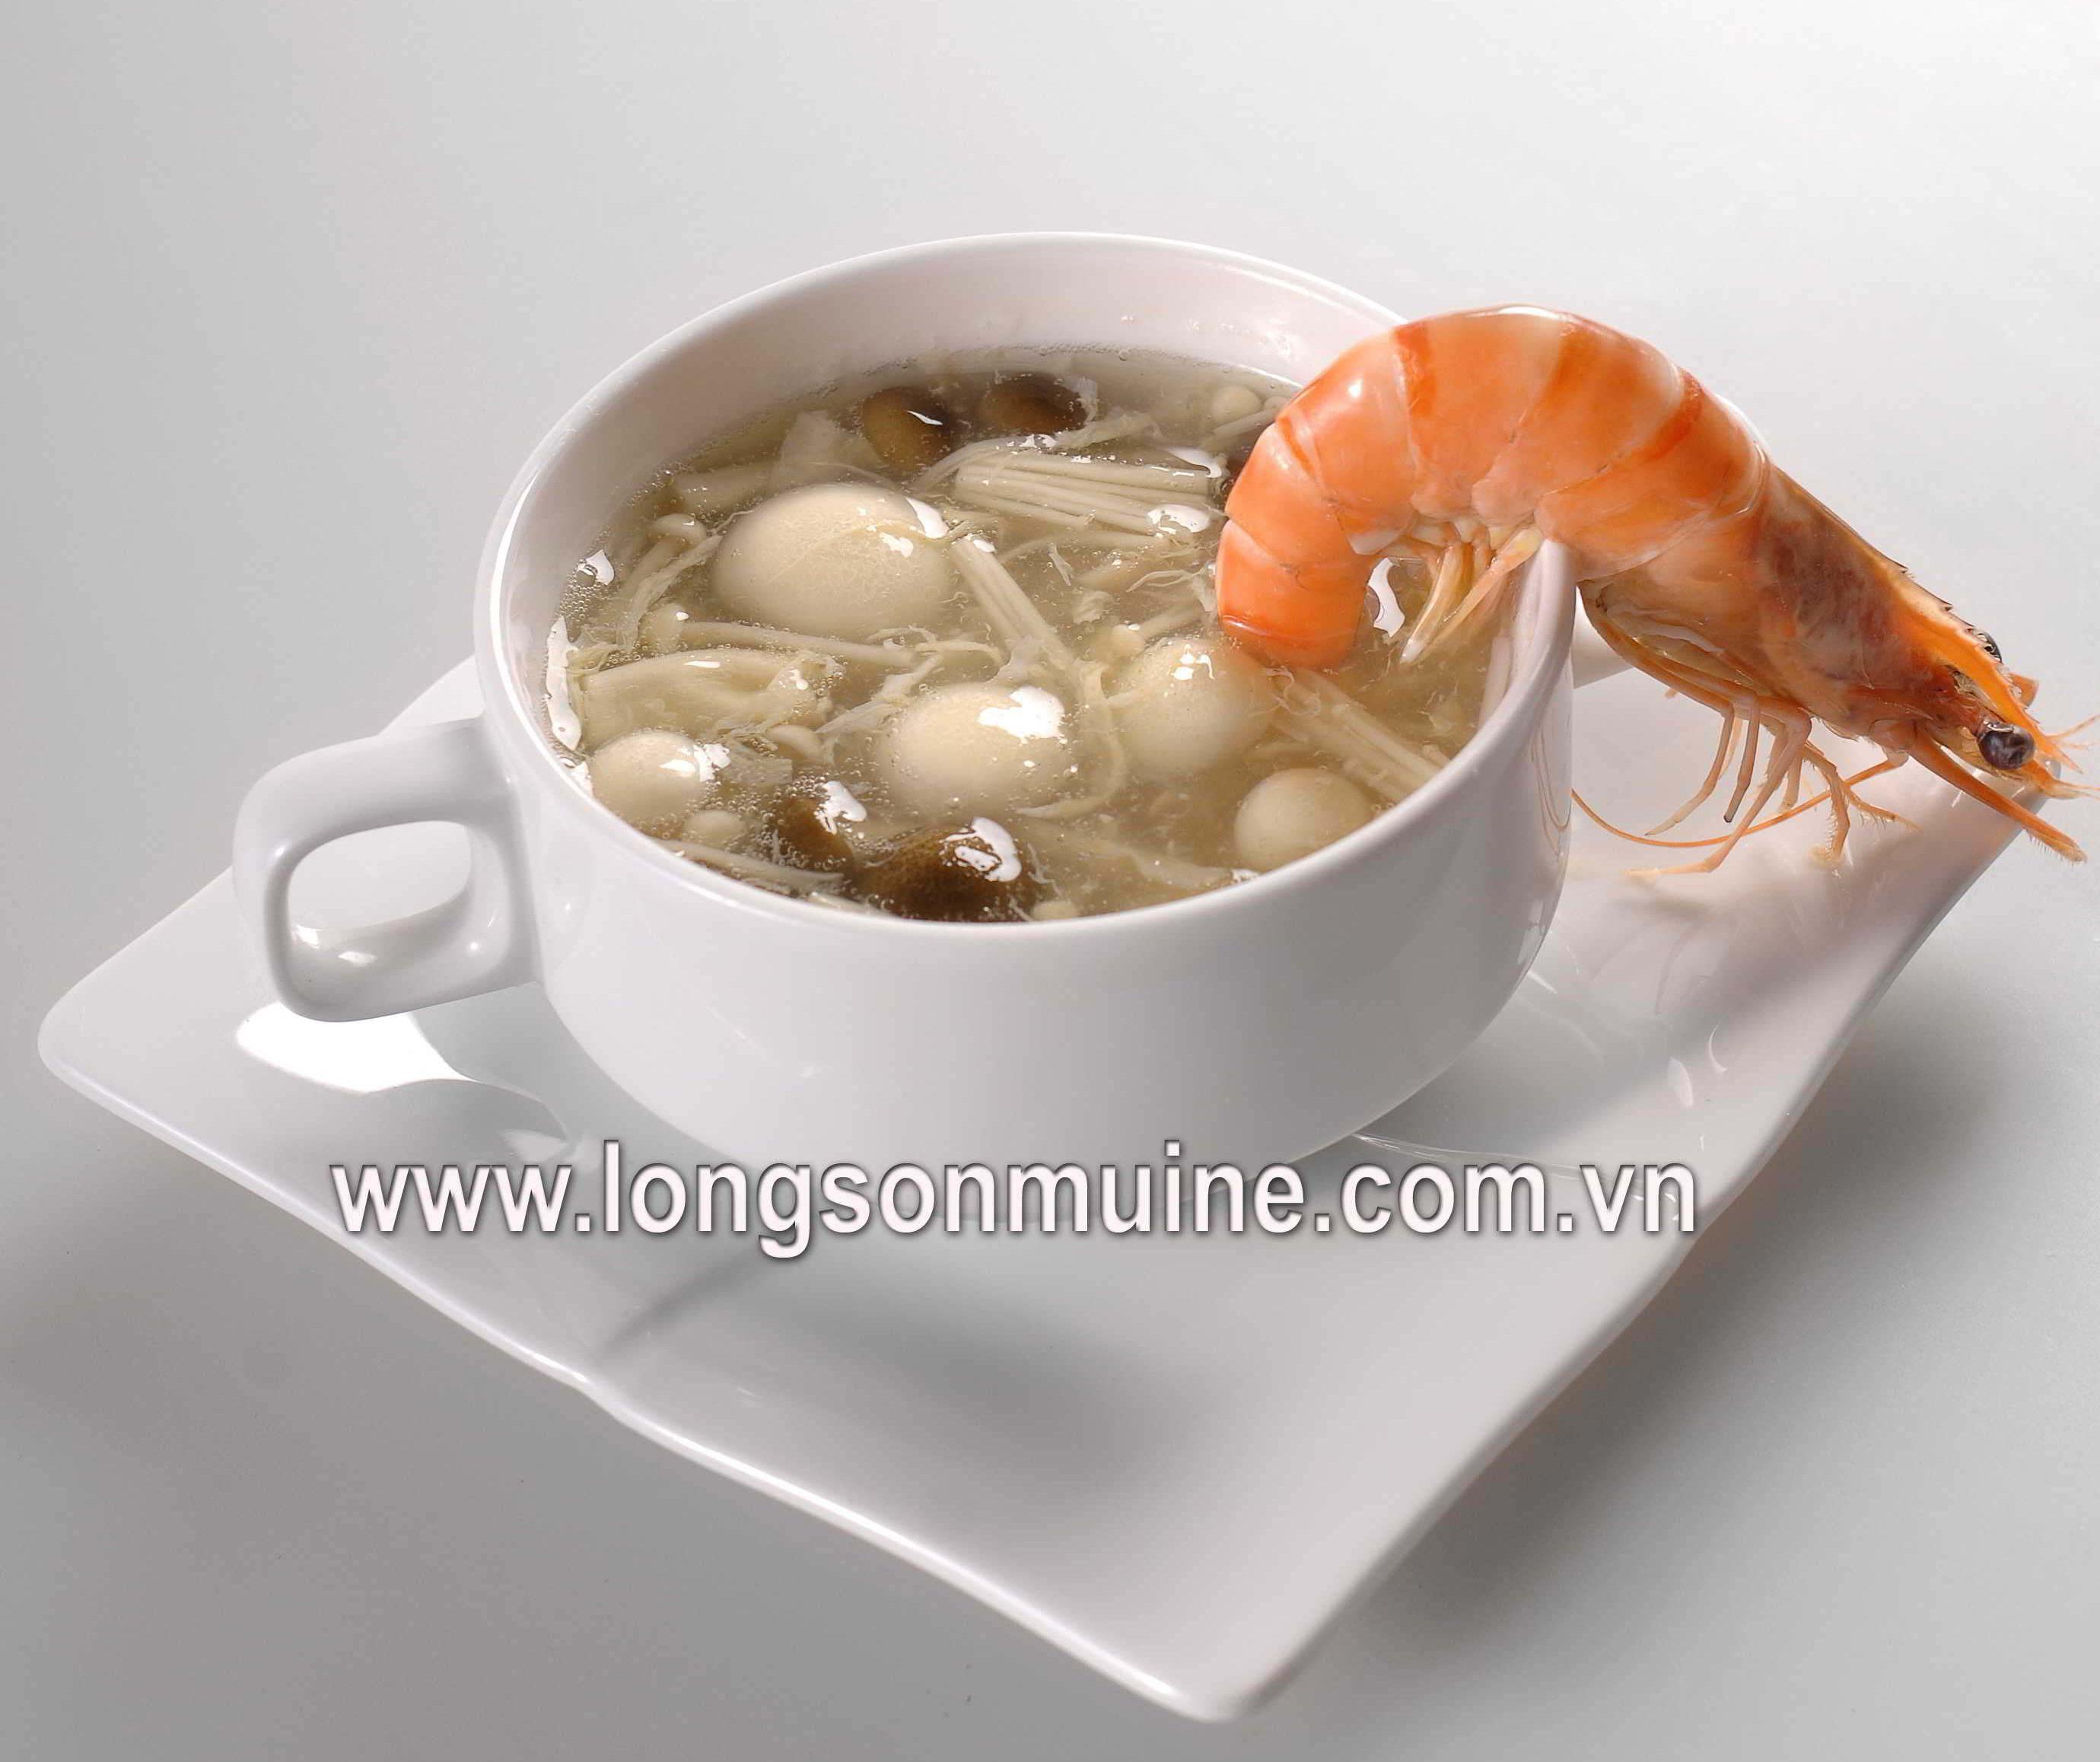 Soup tôm nấm